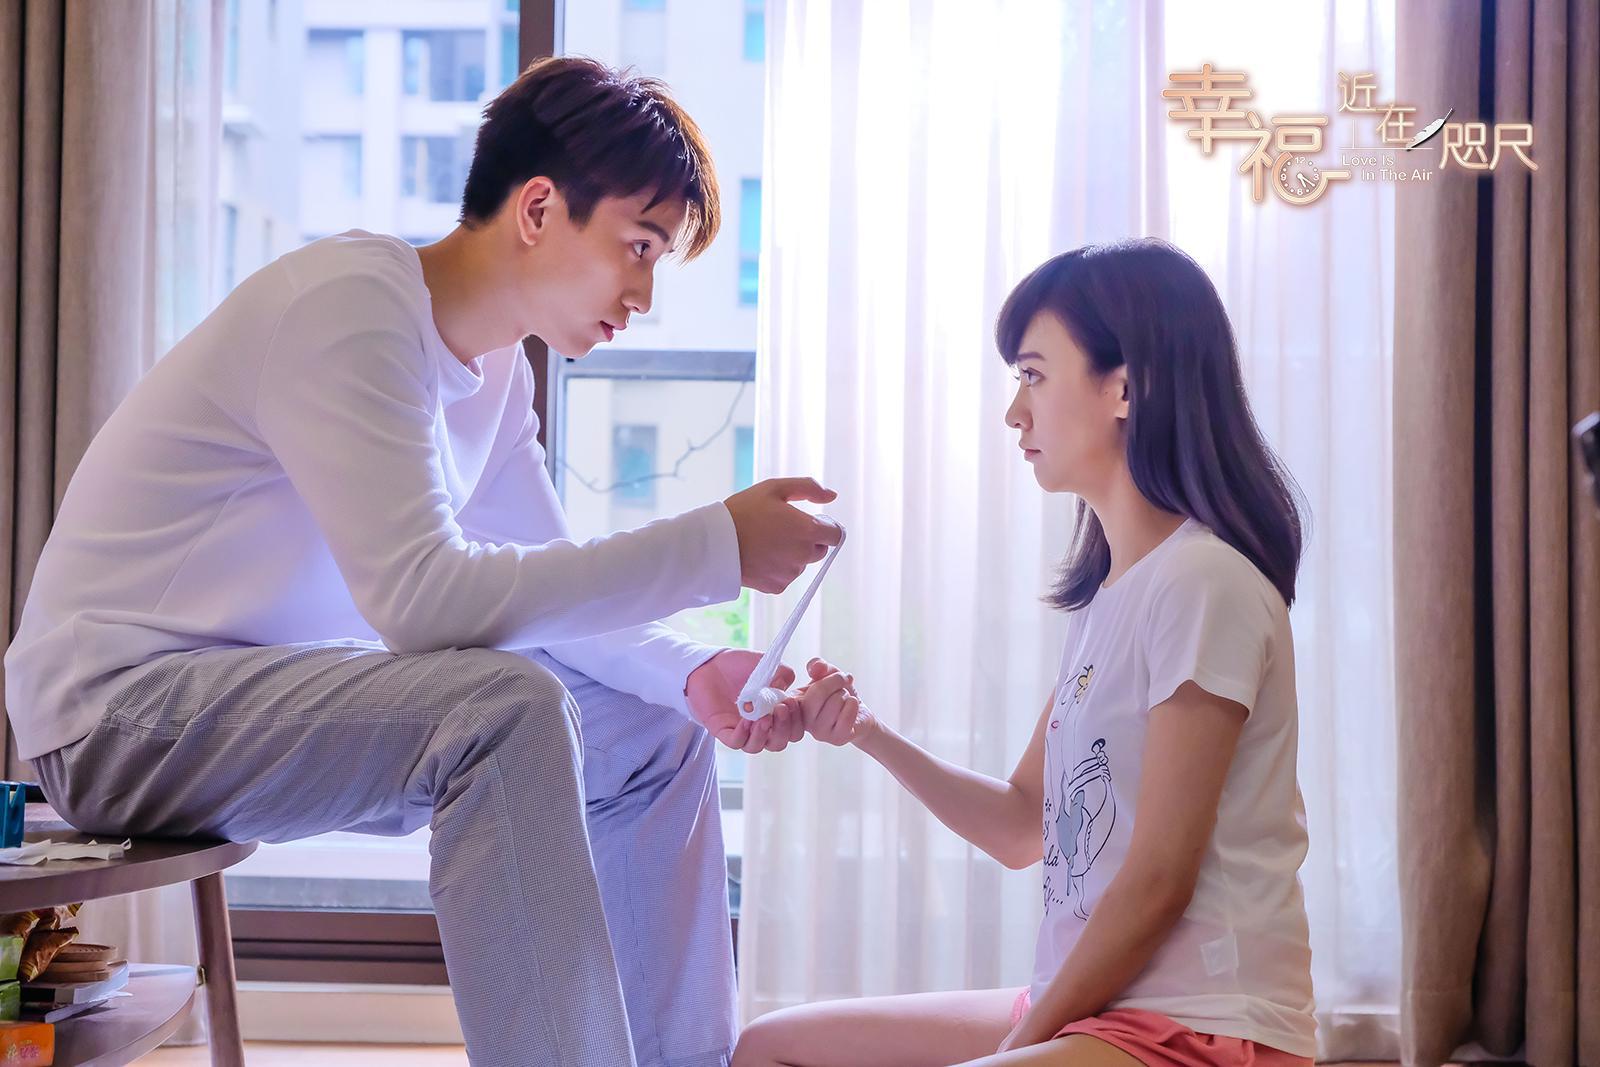 《幸福,近在咫尺》1月18日开播 陈意涵首当导演